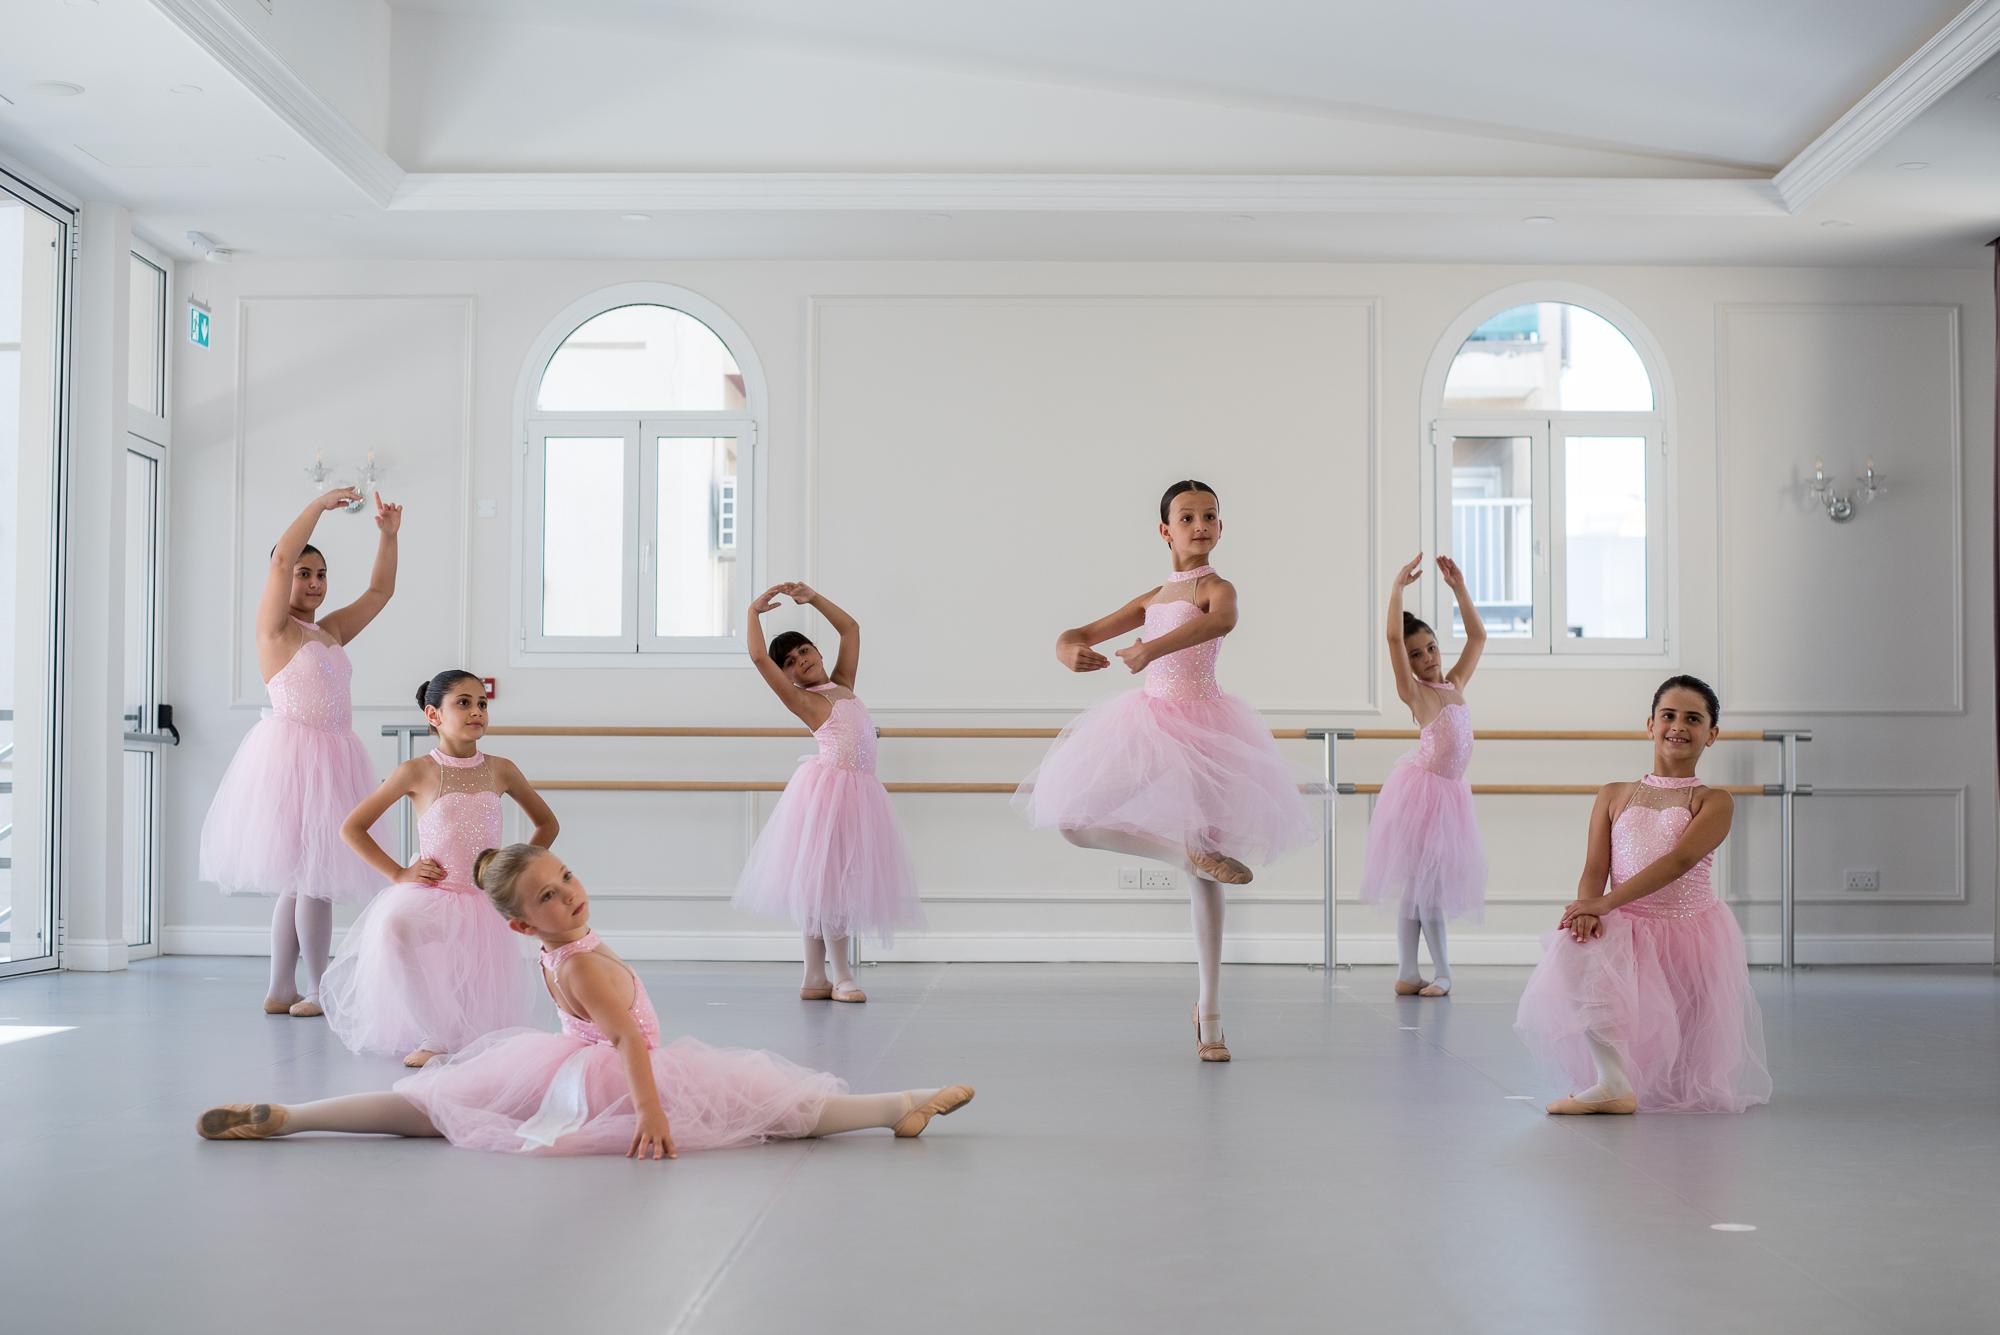 Η Σχολή Μπαλέτου Μαρία Κόκκινου επέστρεψε και τηρεί όλα τα μέτρα προστασίας